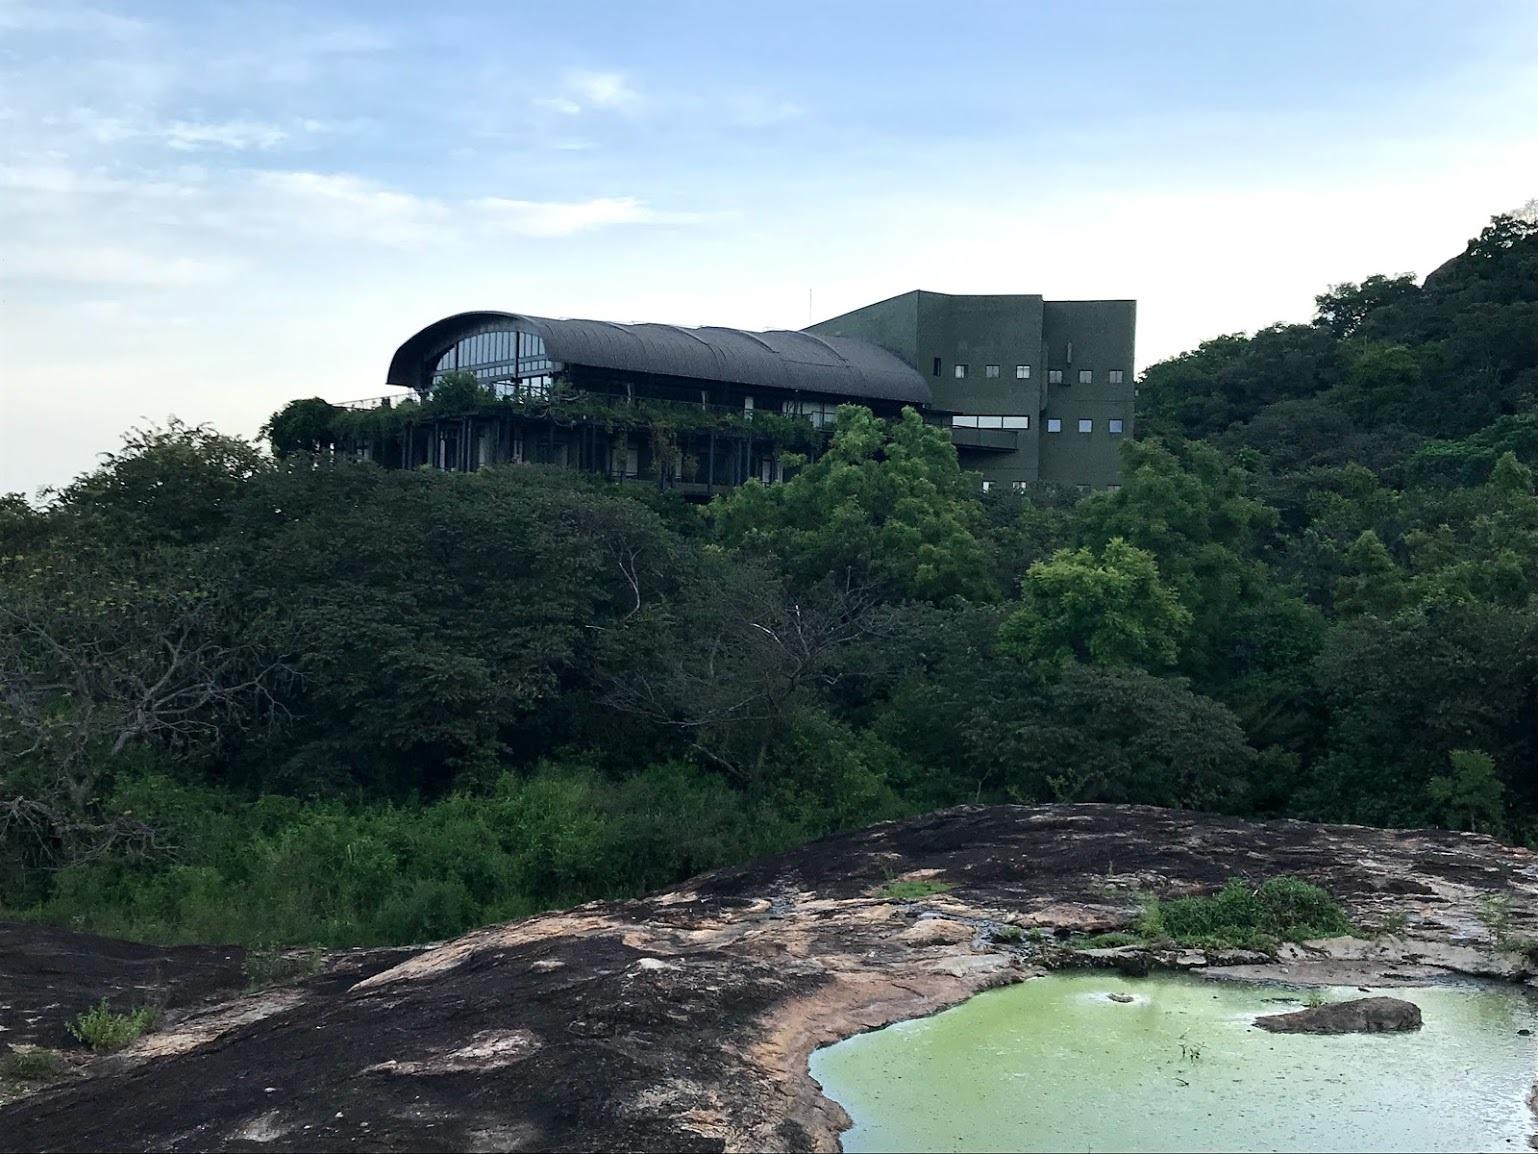 スリランカ・バワ建築紀行3/カンダマラ_c0189970_08452642.jpg